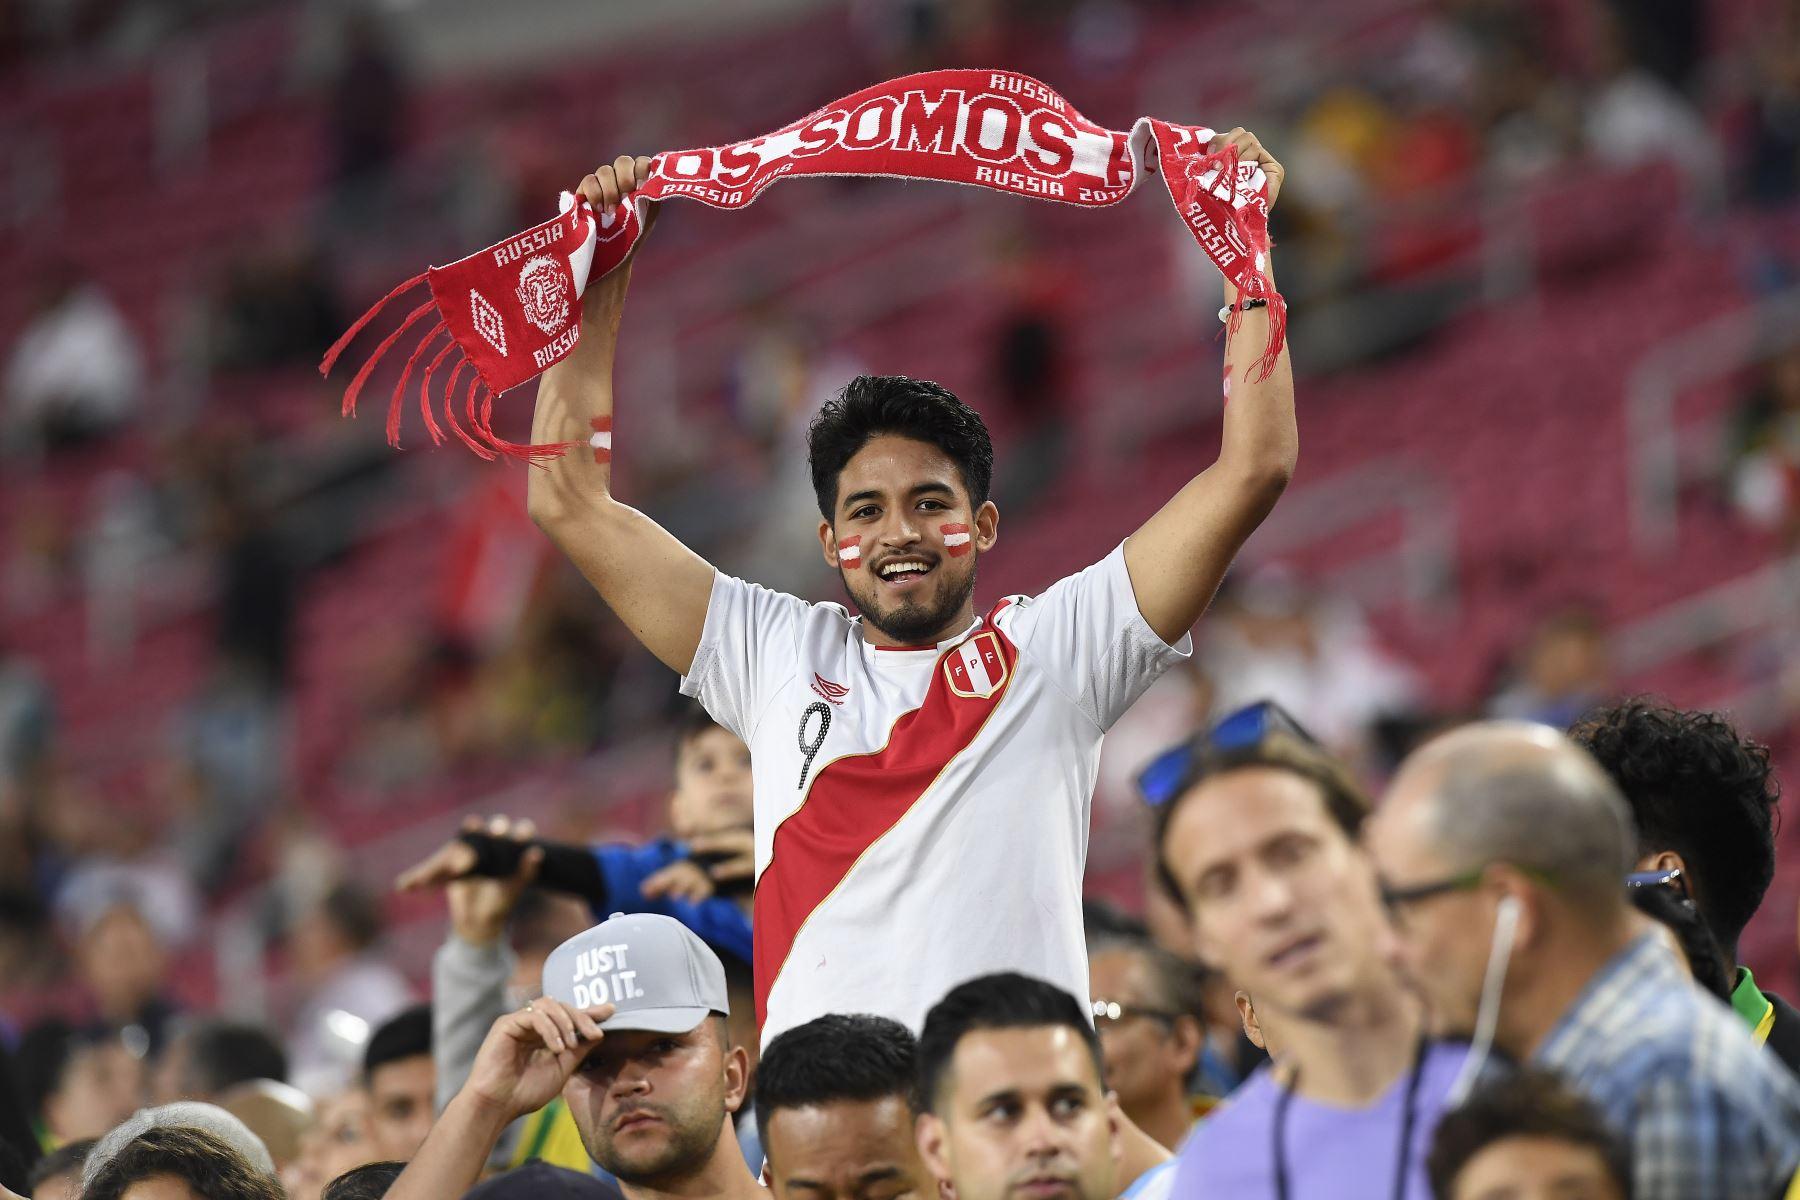 Hincha peruano durante el partido internacional de la Copa de Campeones 2019 entre Brasil y Perú, en el estadio conmemorativo de Los Ángeles en Los Ángeles, California.Foto:AFP